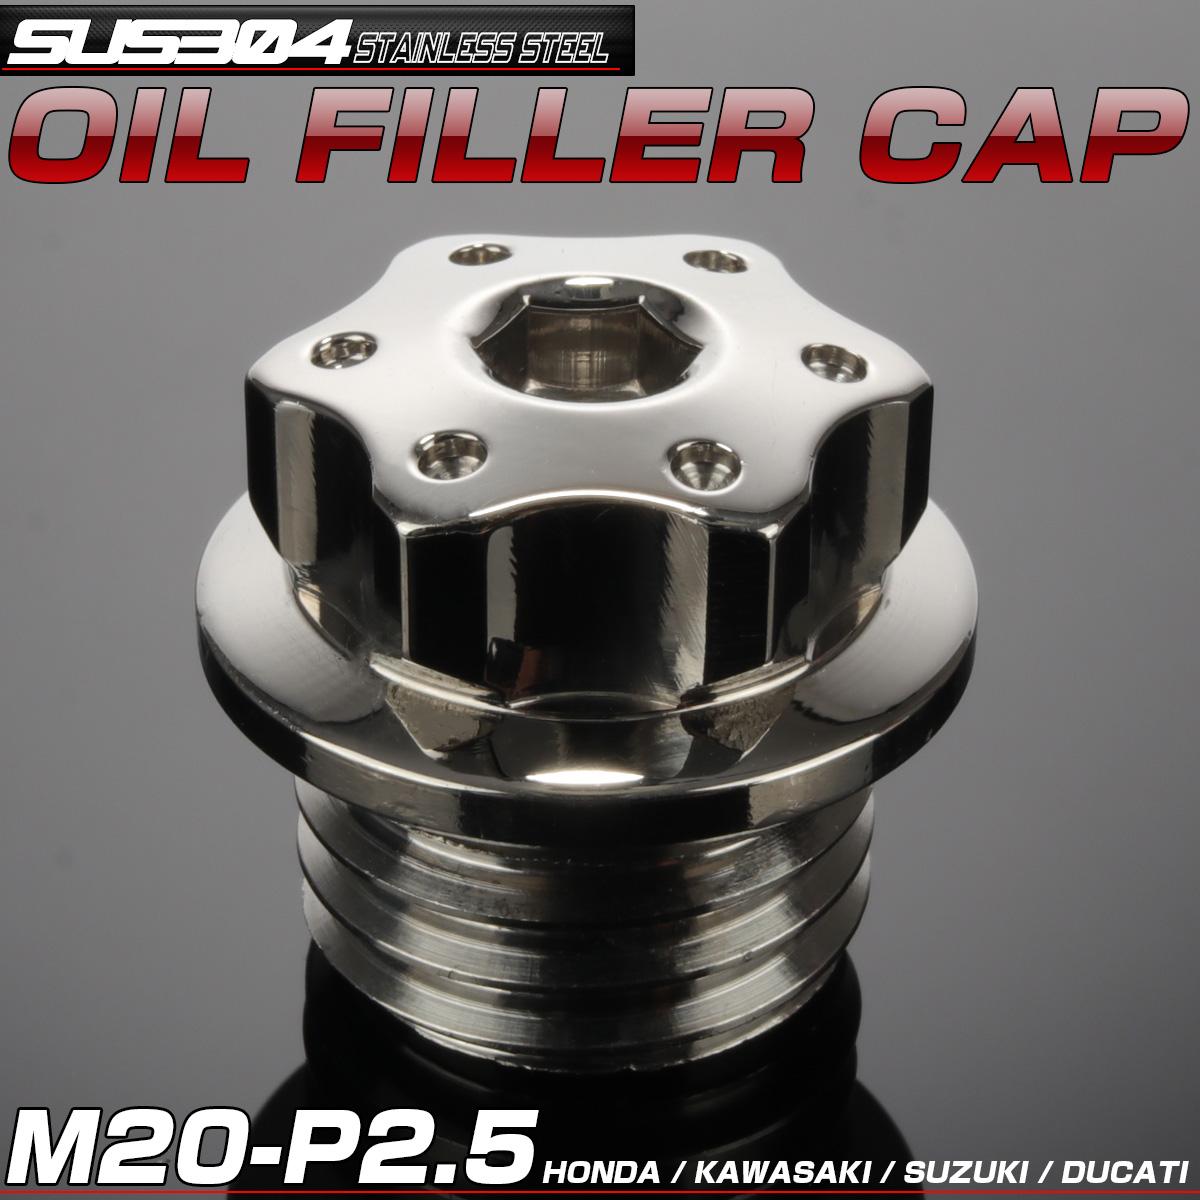 汎用 オイルフィラーキャップ M20 P2.5 六角ホールヘッド シルバー SUS304 ステンレス ホンダ ヤマハ カワサキ ドゥカティ等 TH0263